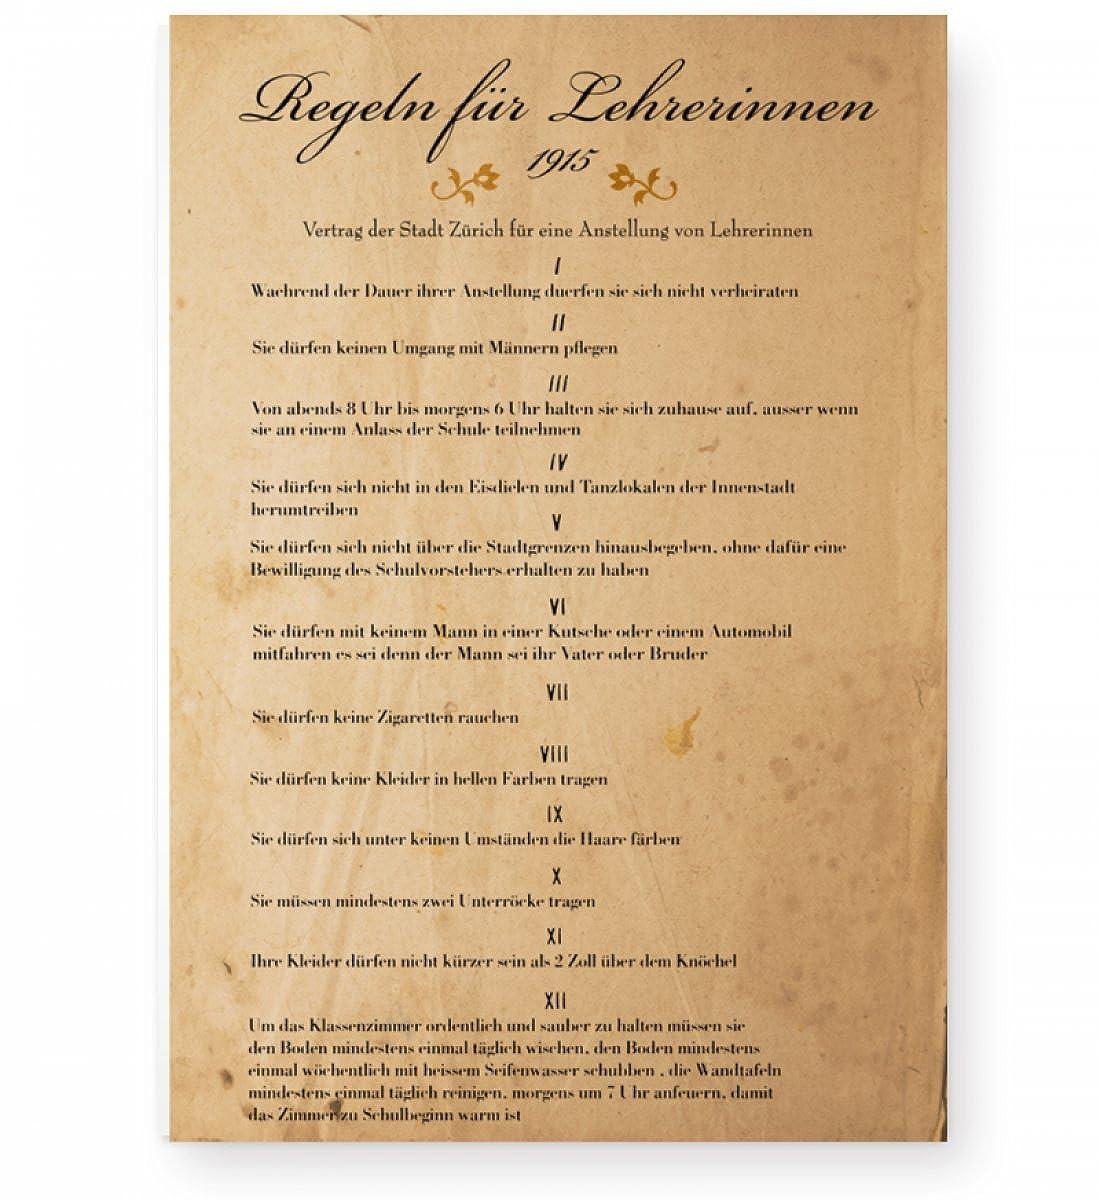 Regeln für Lehrerinnen 1915 - Witziges Poster für Lehrer und ...